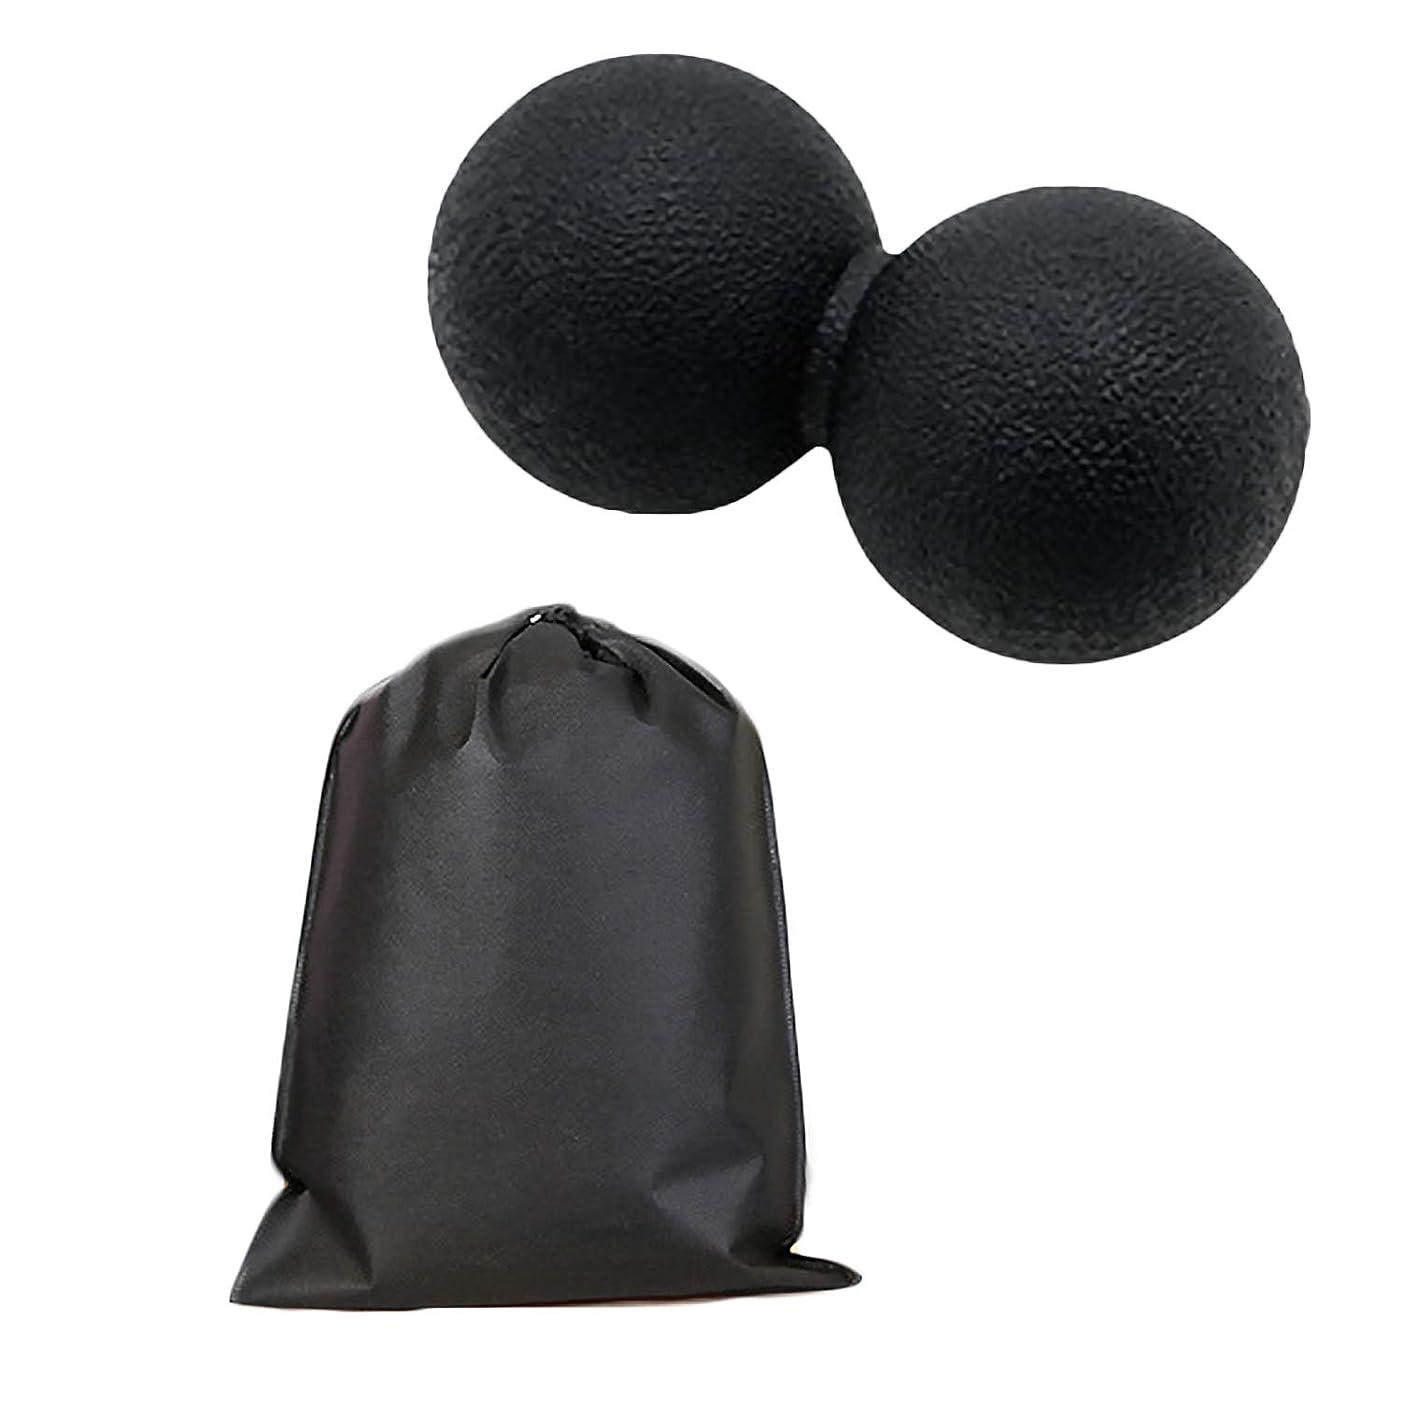 新聞課すマスクMigavan マッサージボールローラーバックマッサージボール収納袋が付いているピーナツマッサージのローラーボールのマッサージャー